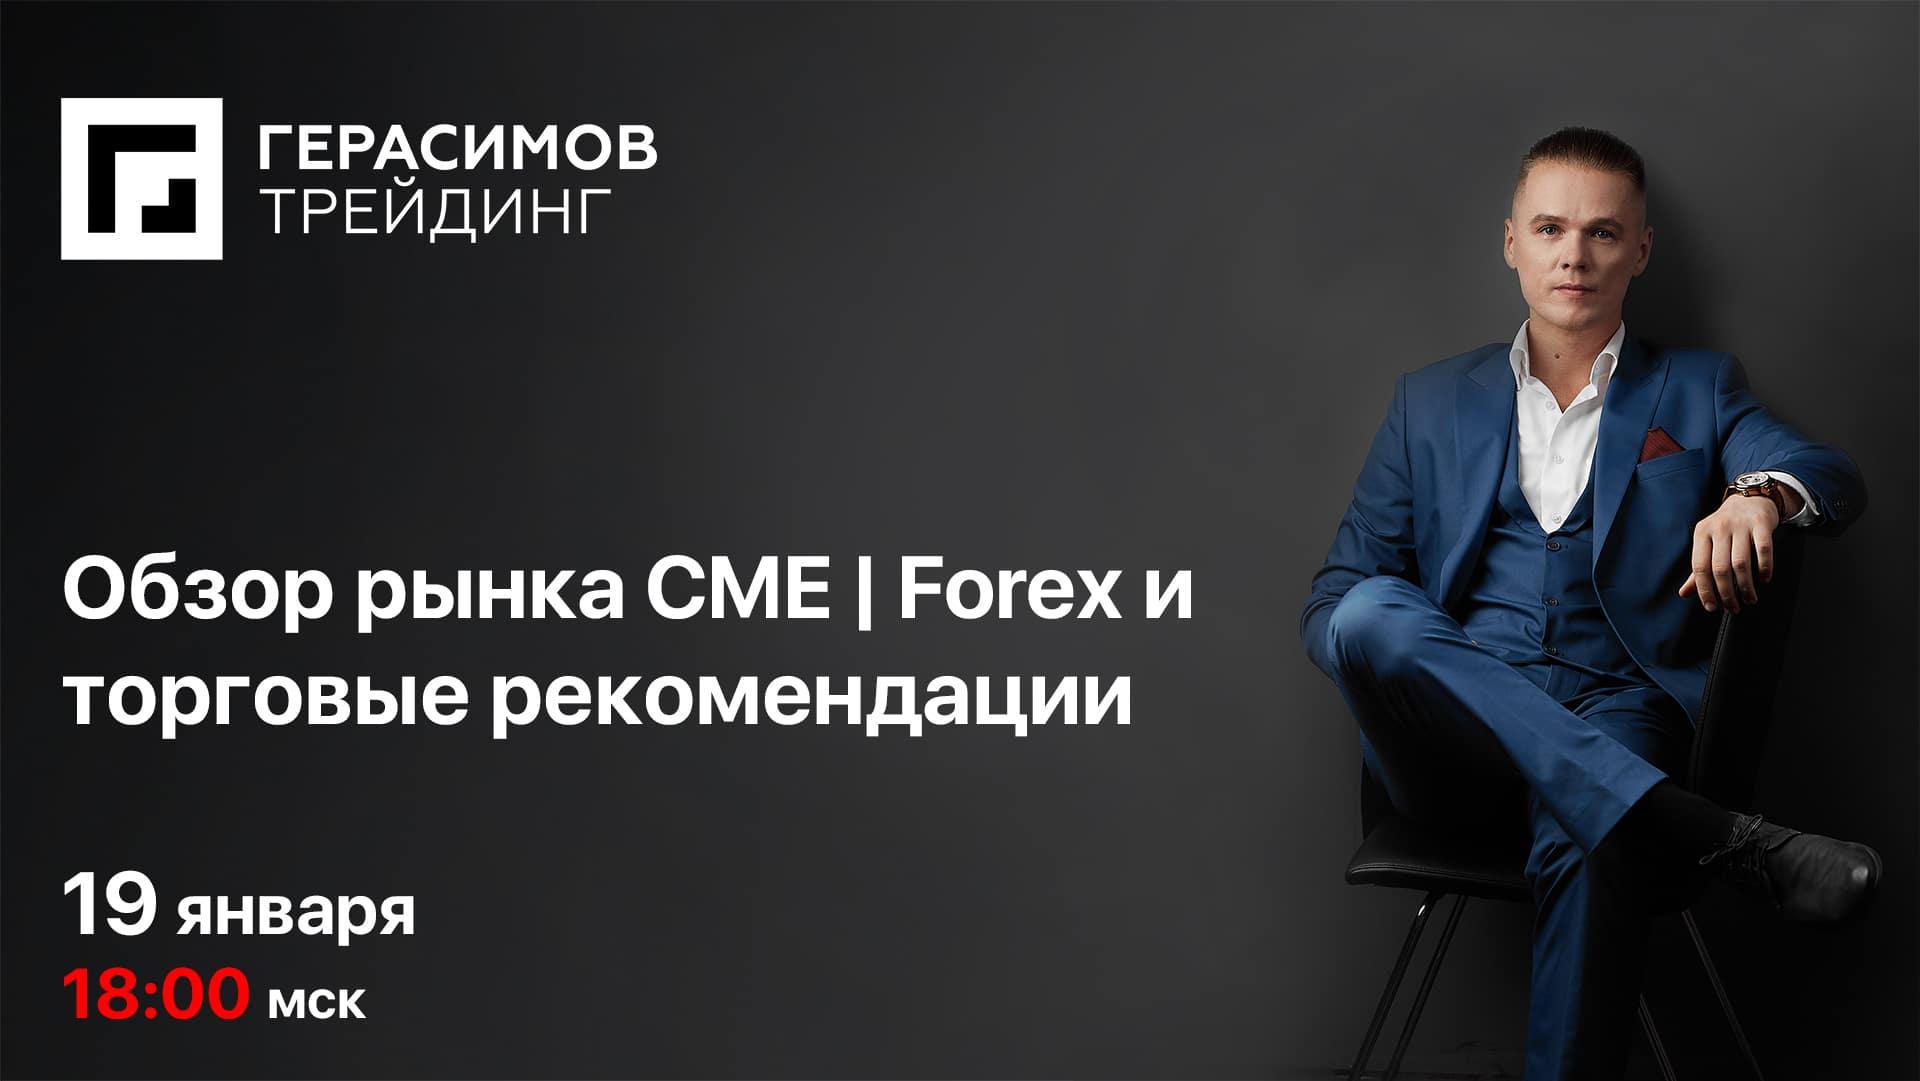 Обзор рынка CME | Forex и торговые рекомендации от 19.01.2021. Никита Герасимов